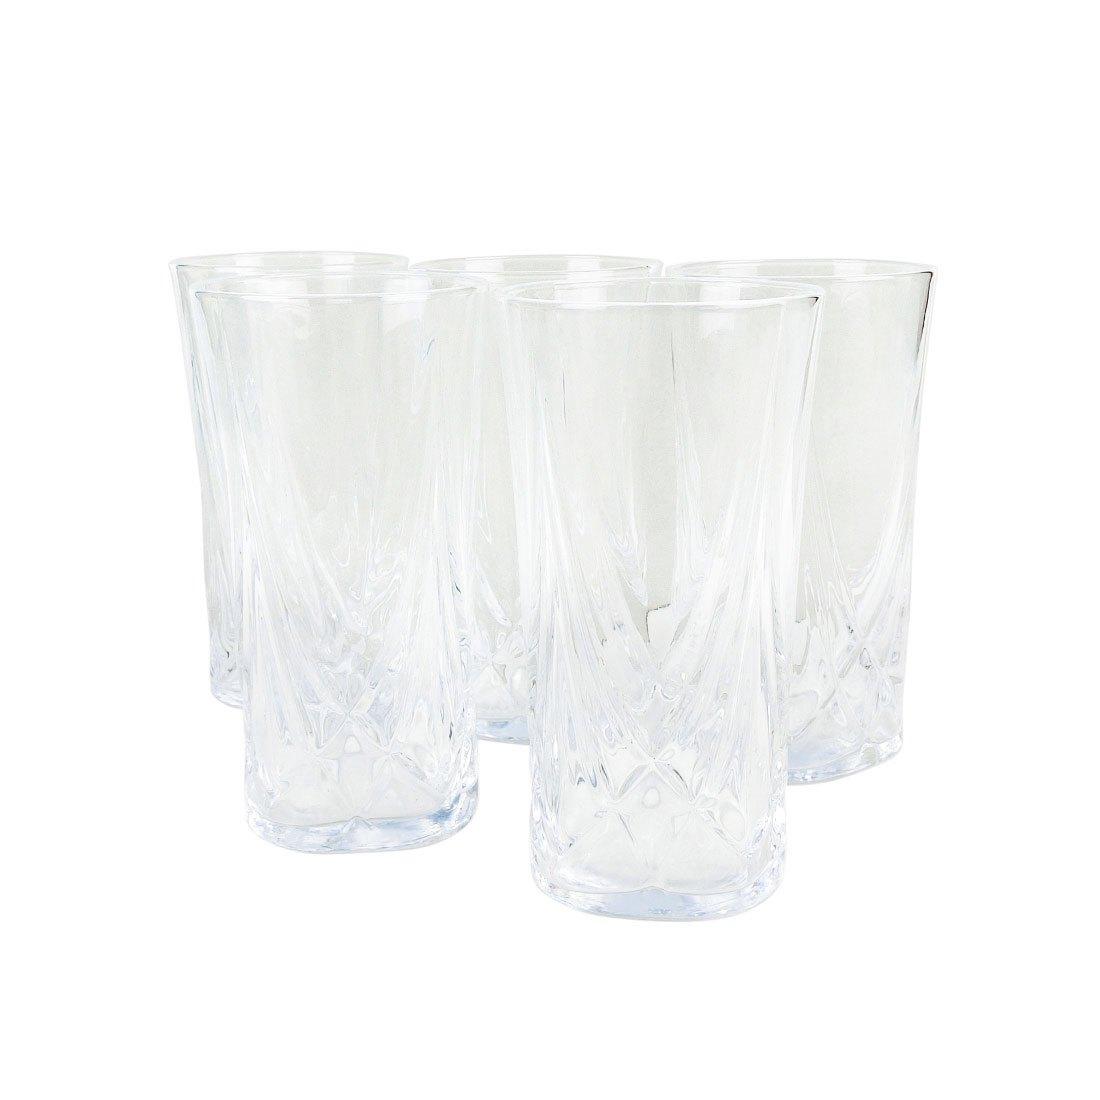 Hộp Ly Thủy Tinh Aderia Glass - Nhật - 6 x 12 cm - 123375